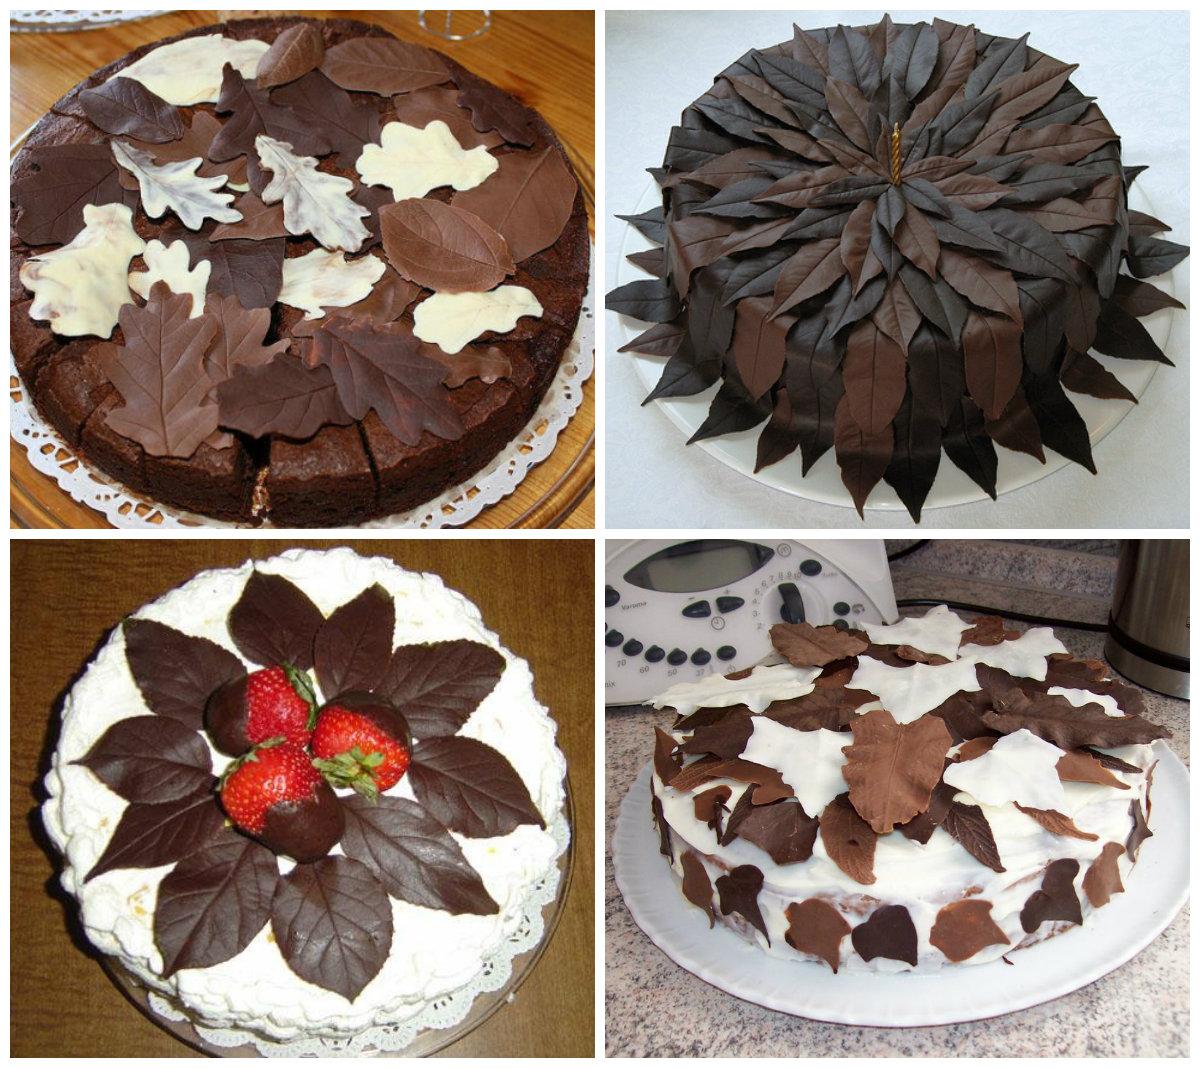 шоколада Фигурка для рецепт из самим торта